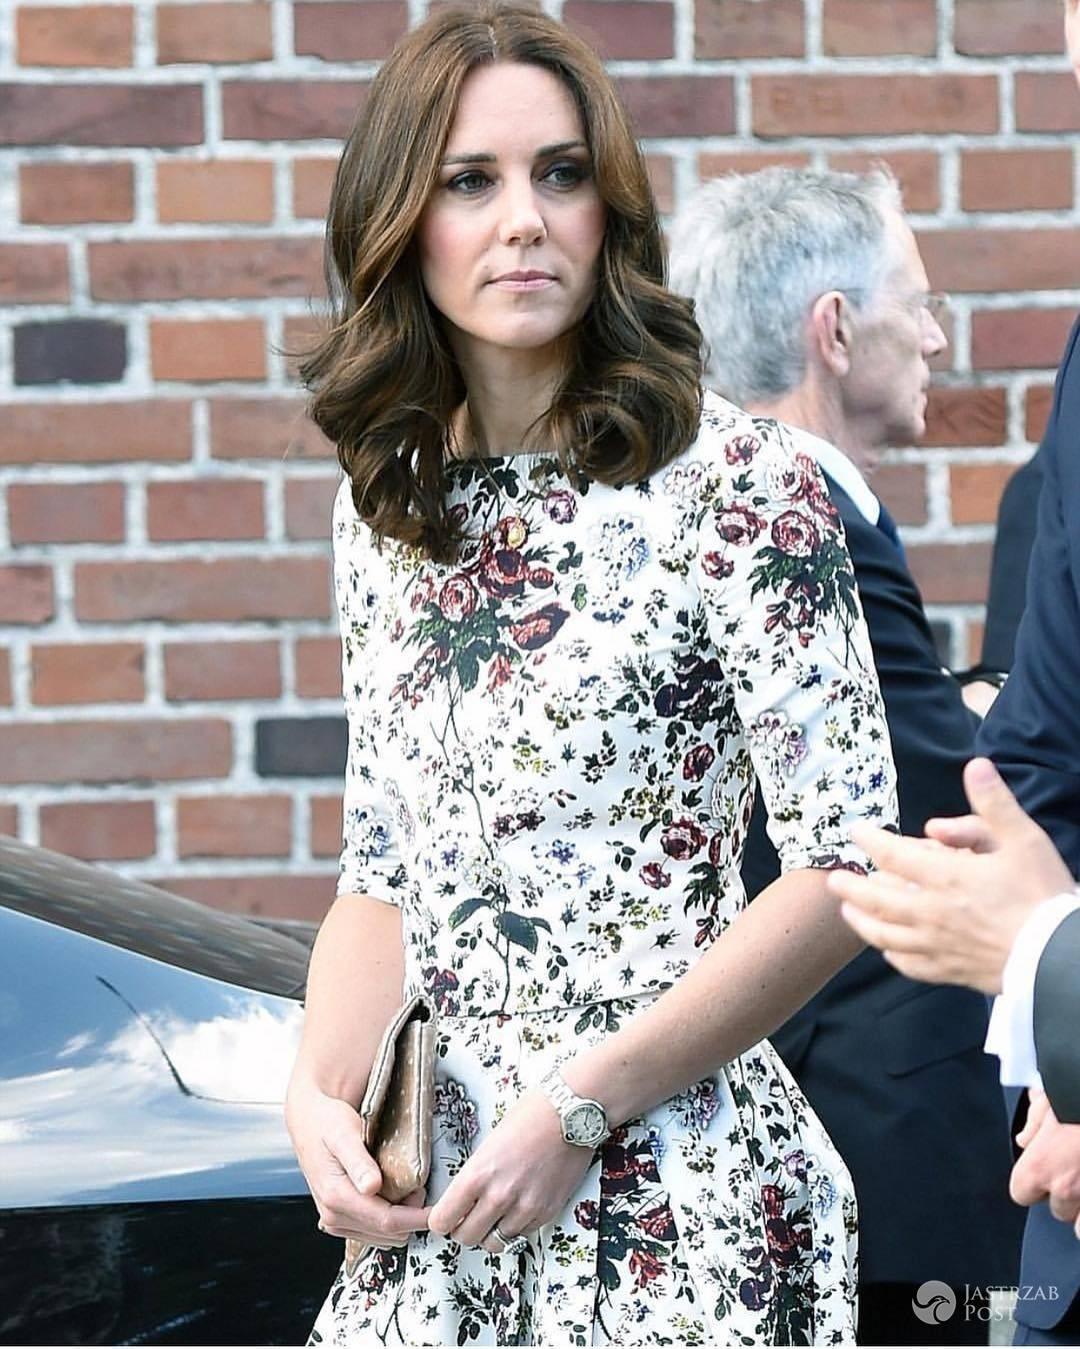 Księżna Kate ma torebkę polskiej firmy